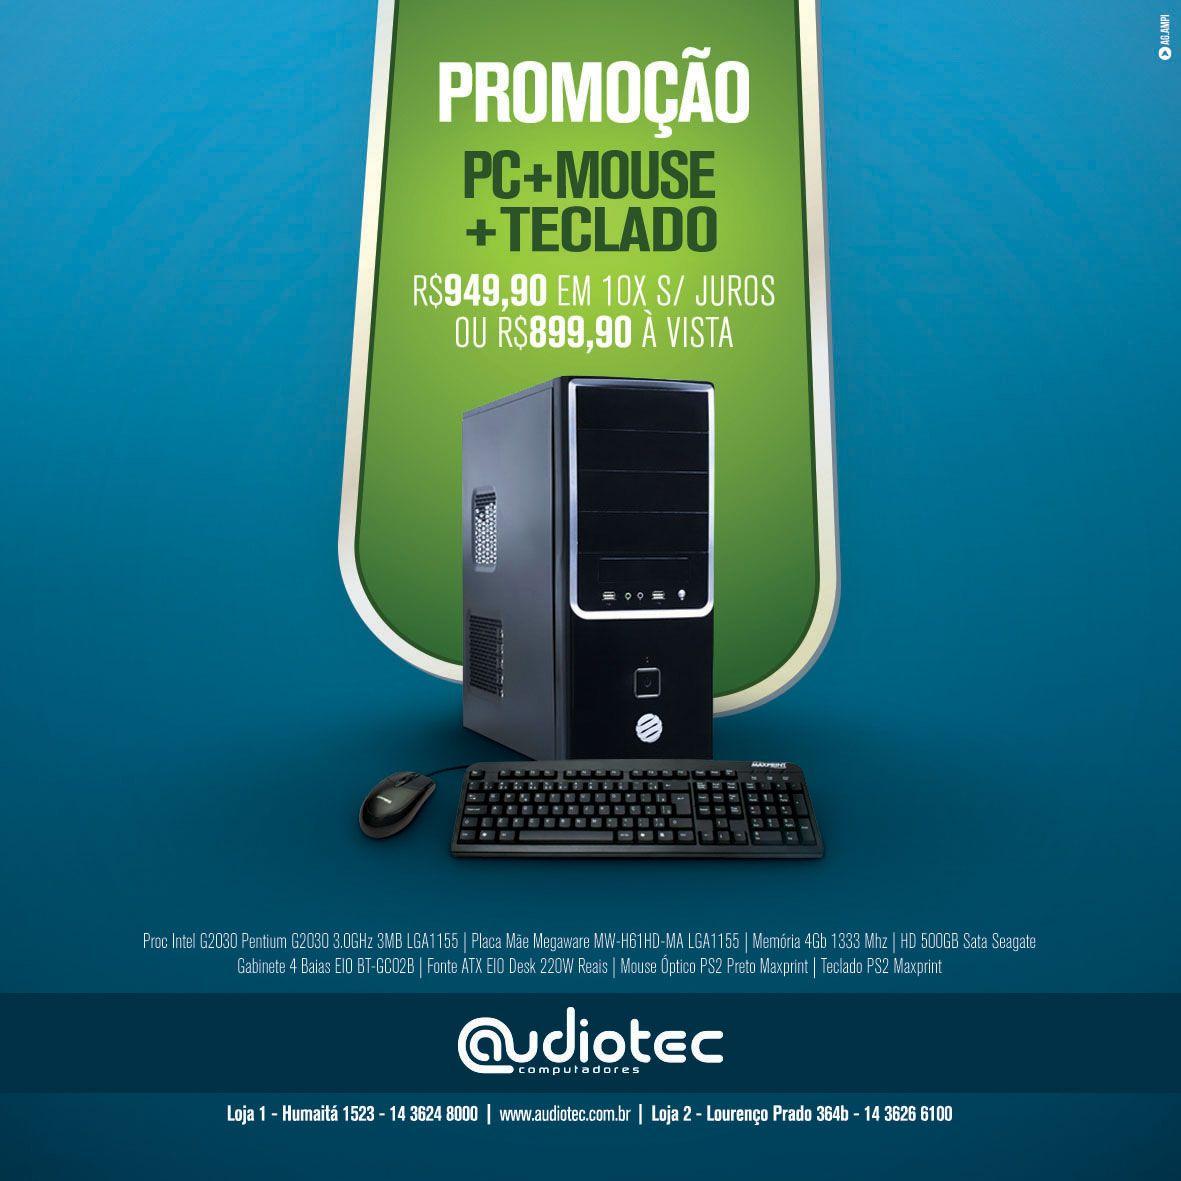 Promoção PC